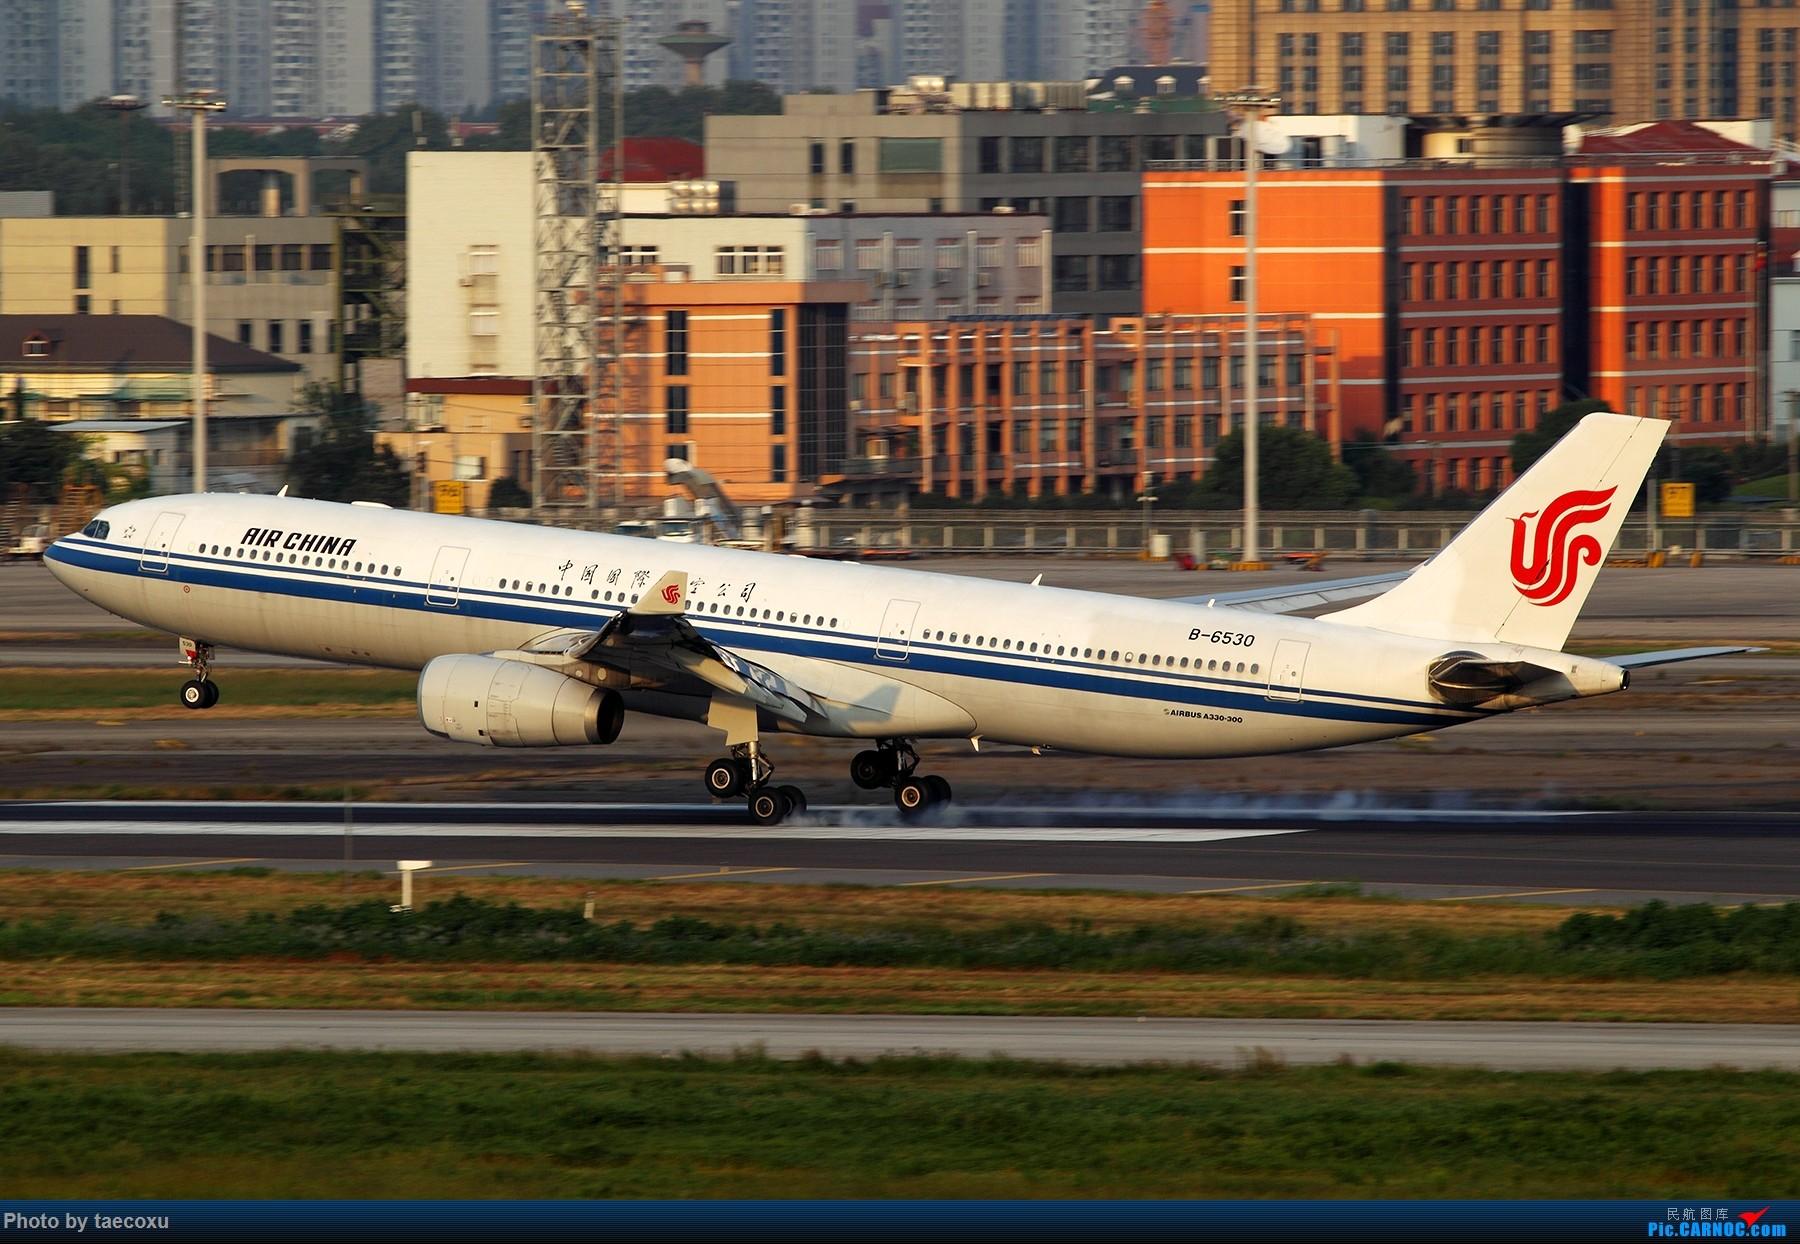 Re:[原创]据说能发大图了 AIRBUS A330-300 B-6530 中国上海虹桥国际机场